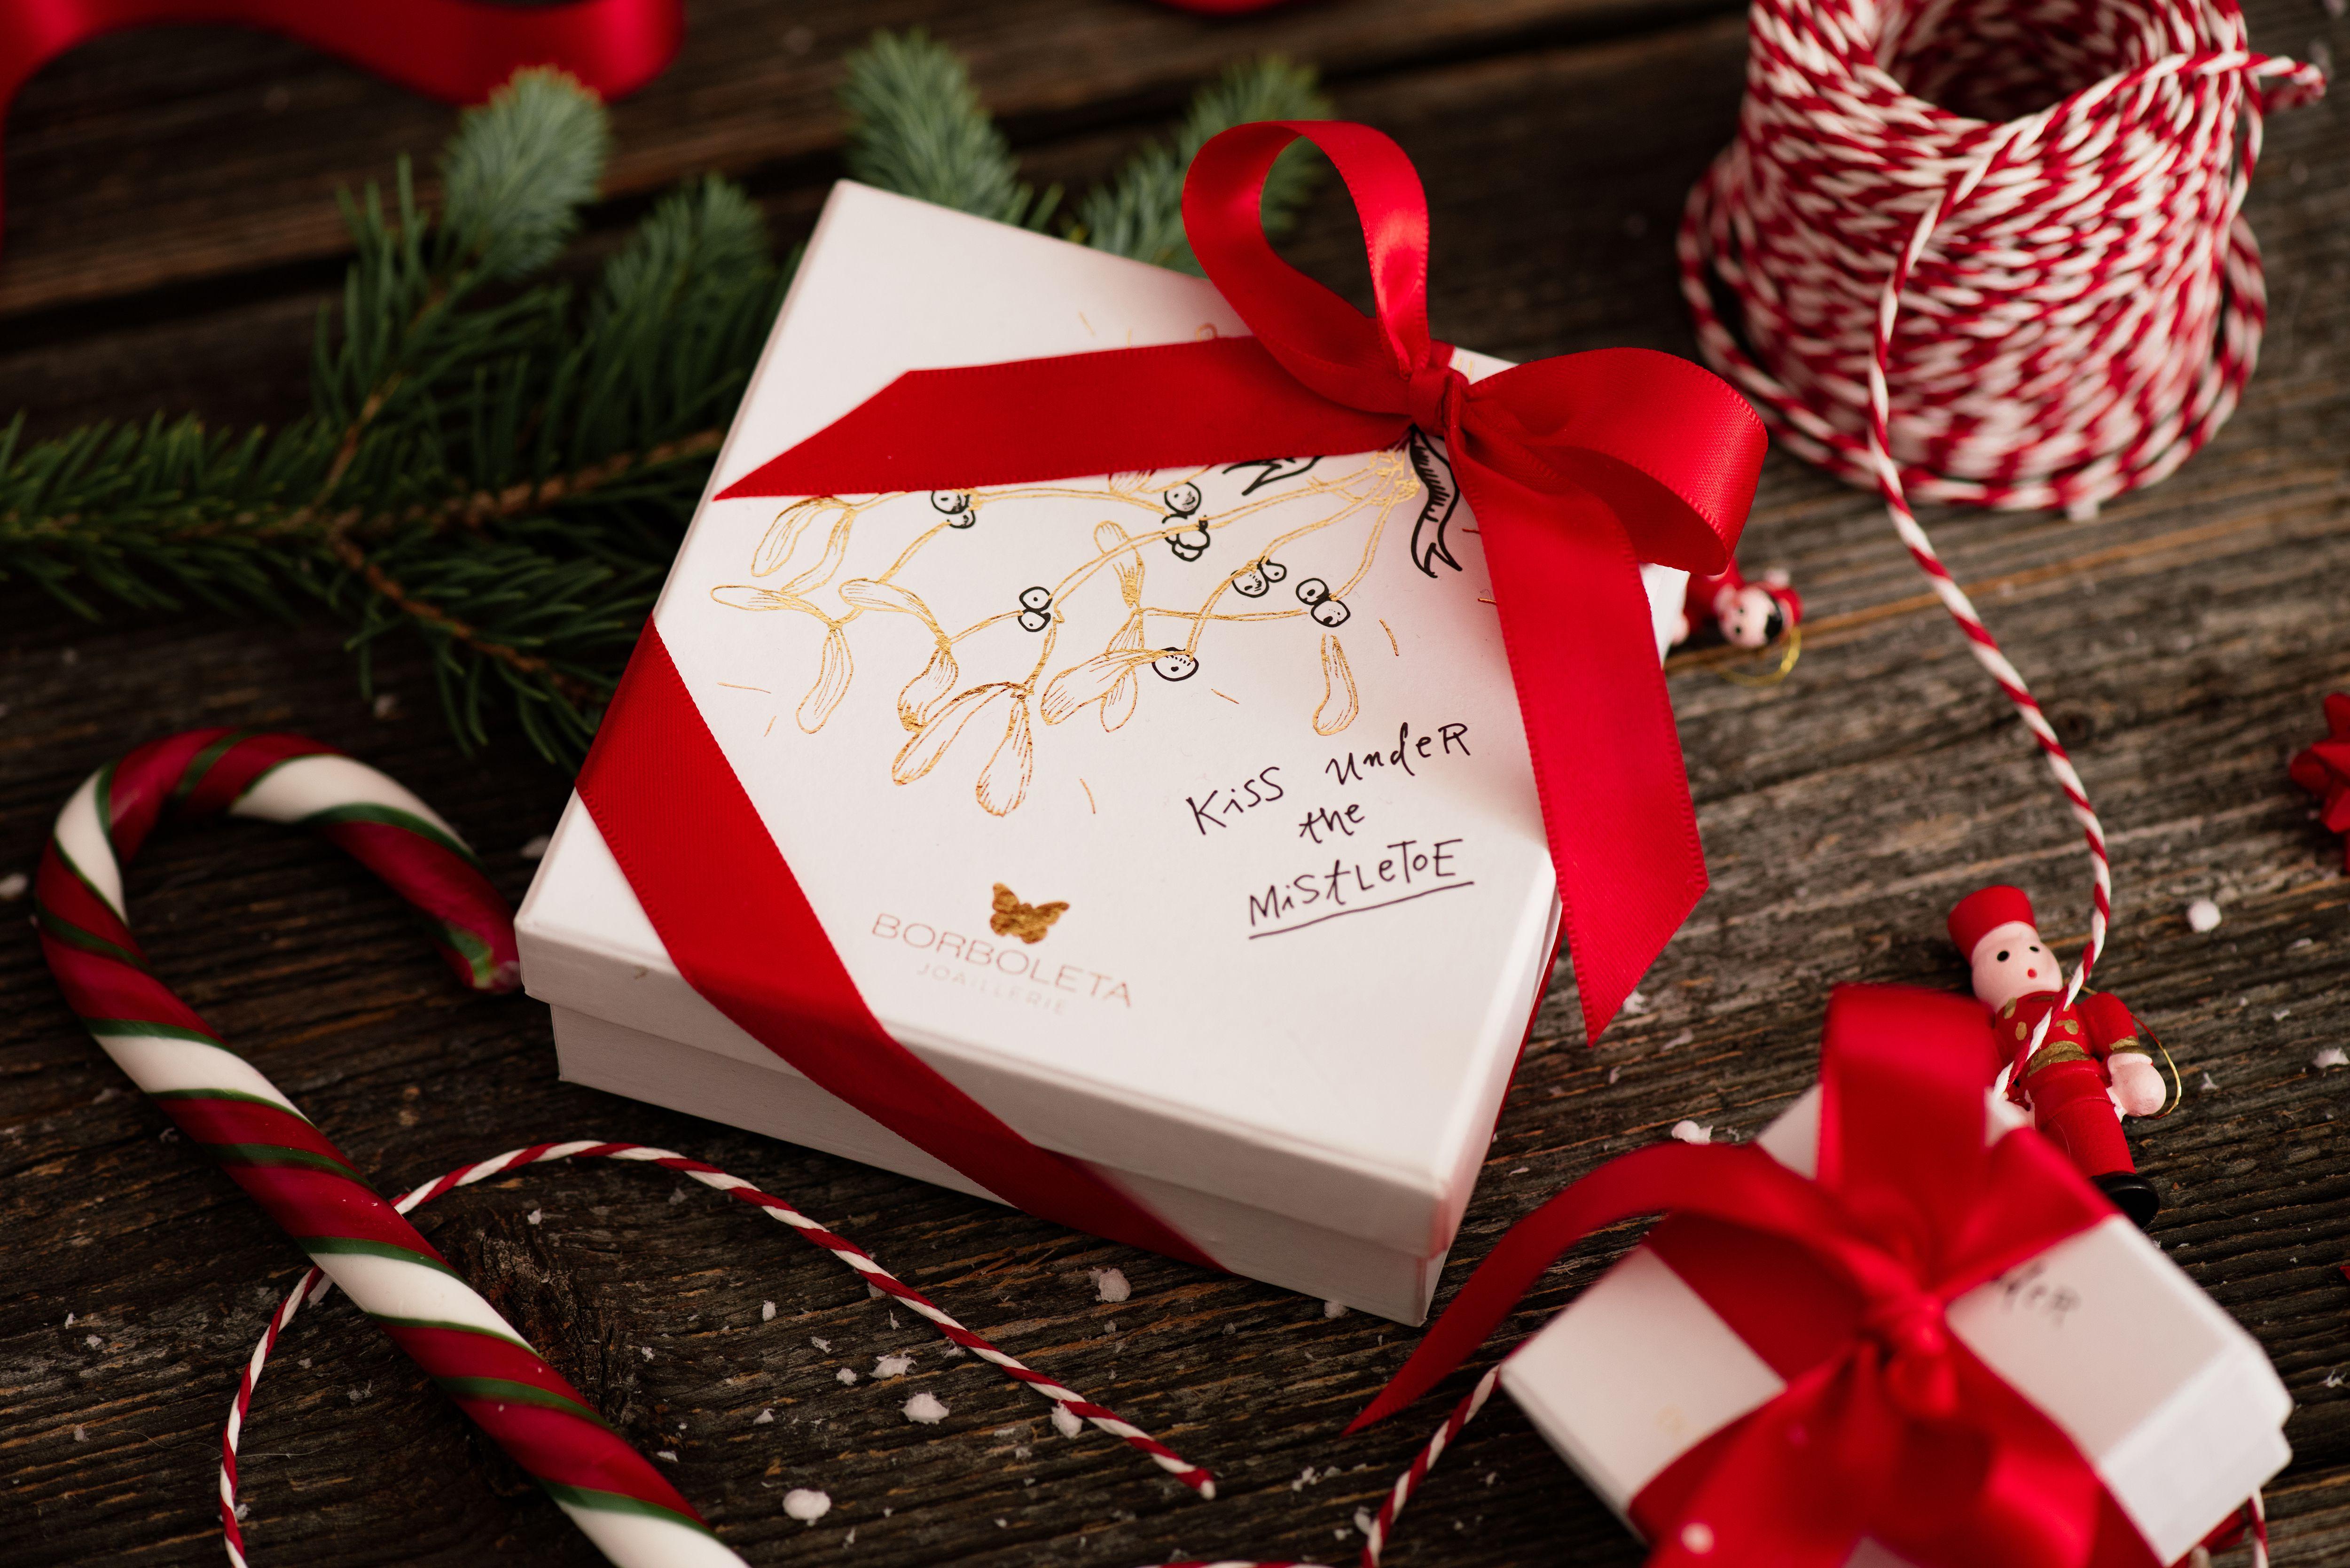 Ne znate što pokloniti za Božić? Doznajte koji je najpoželjniji dar ispod bora!